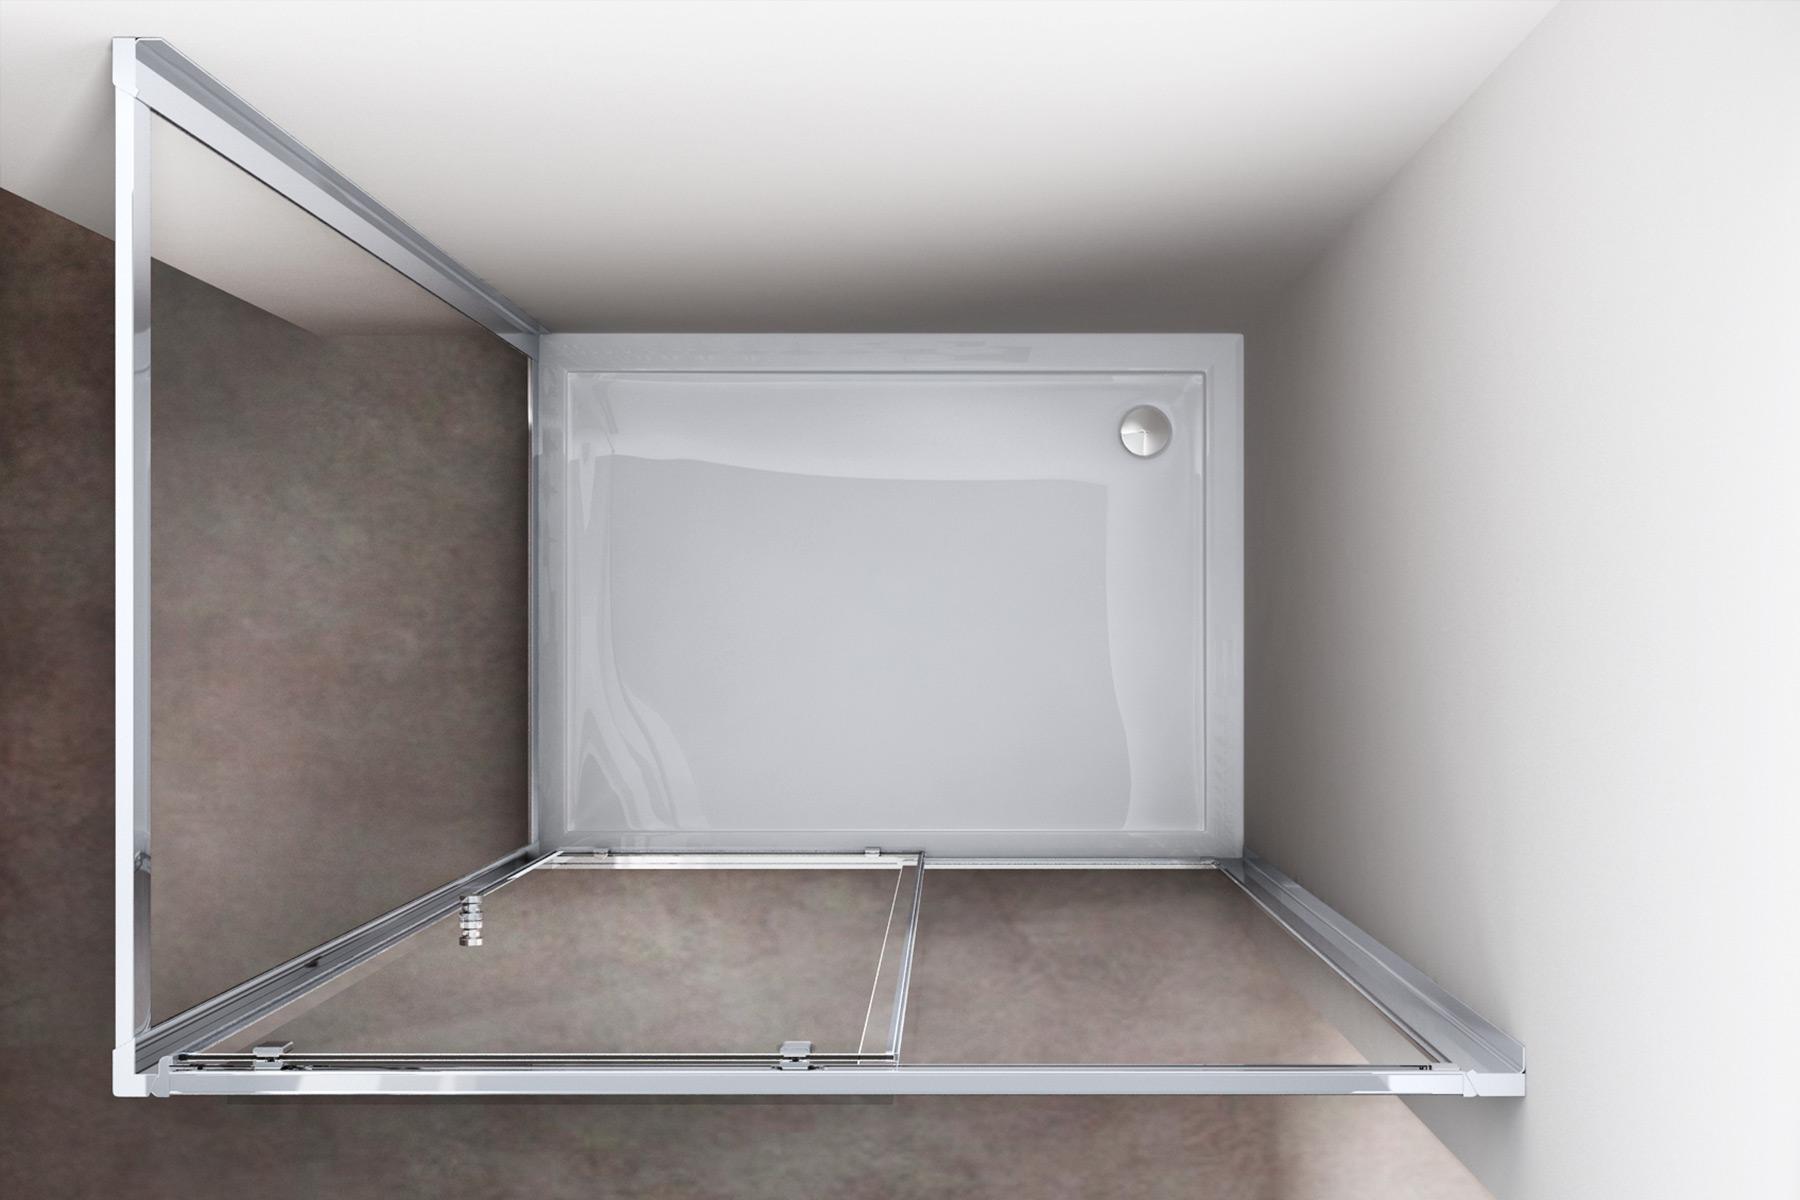 Paroi de douche pare douche verre de s curit cabine de for Realisation douche italienne sans receveur